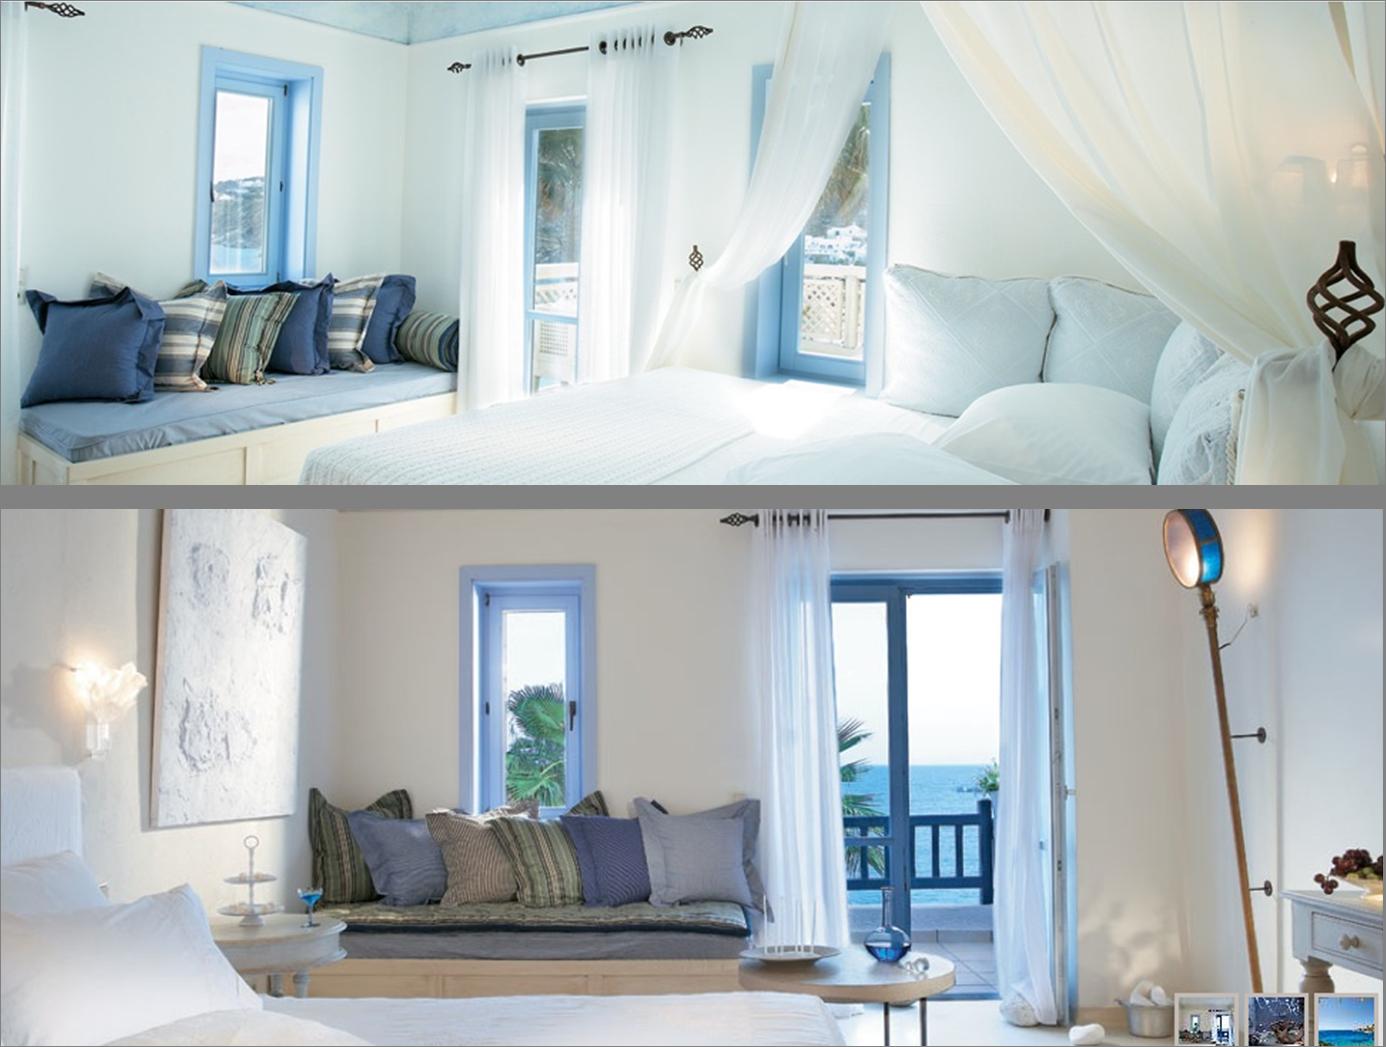 Hoteles con decoracion estilo mediterraneo buscar con google decoracion mediterraneo - Decoracion estilo mediterraneo ...